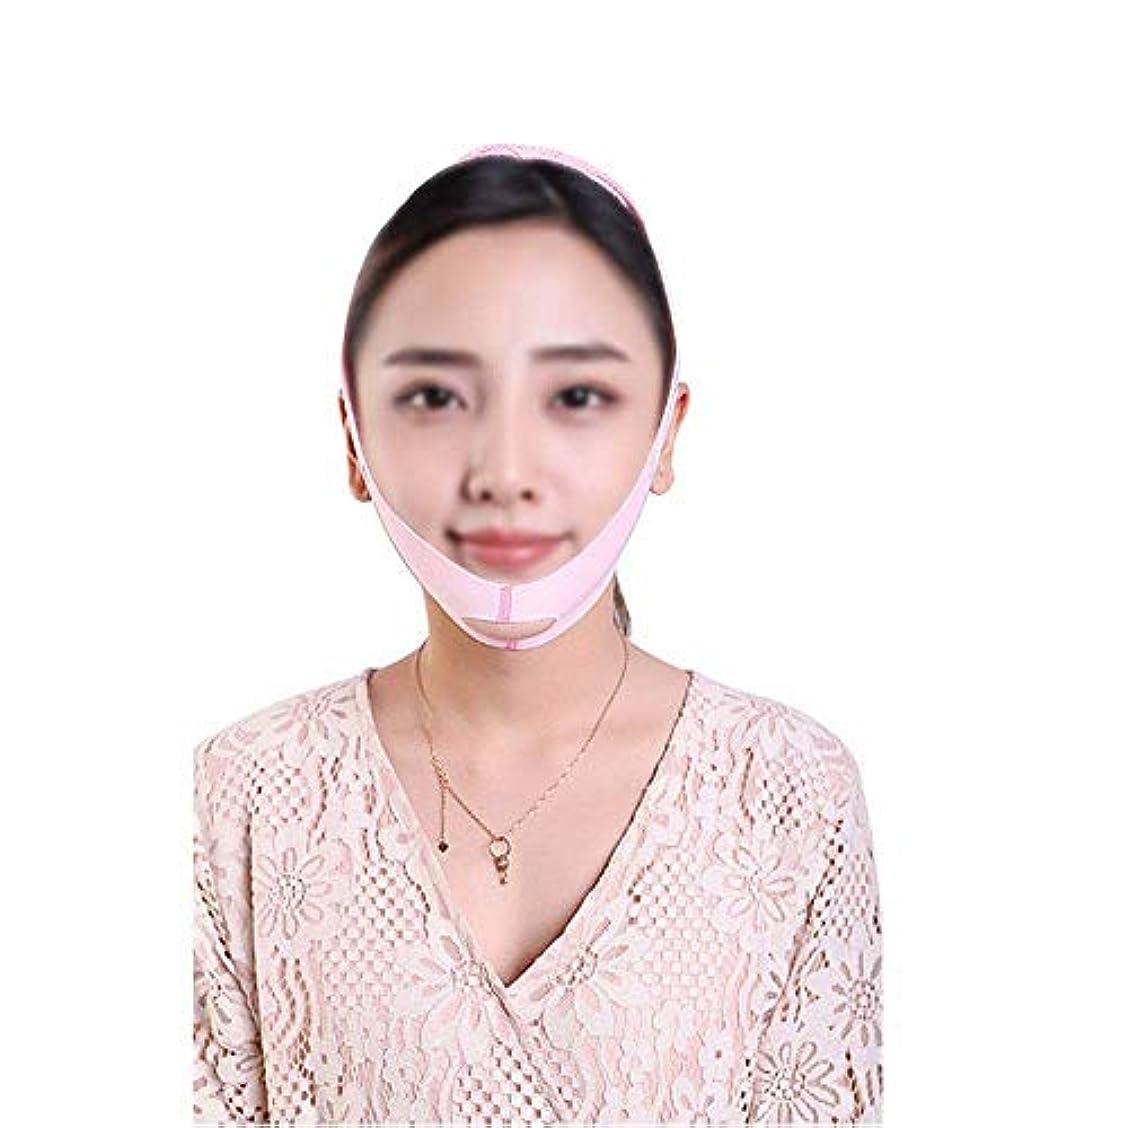 ニンニク抑制する発疹フェイスリフティングマスク、引き締めおよびリフティングアンチフェイスドループアーティファクトスモールVフェイスバンデージマスク